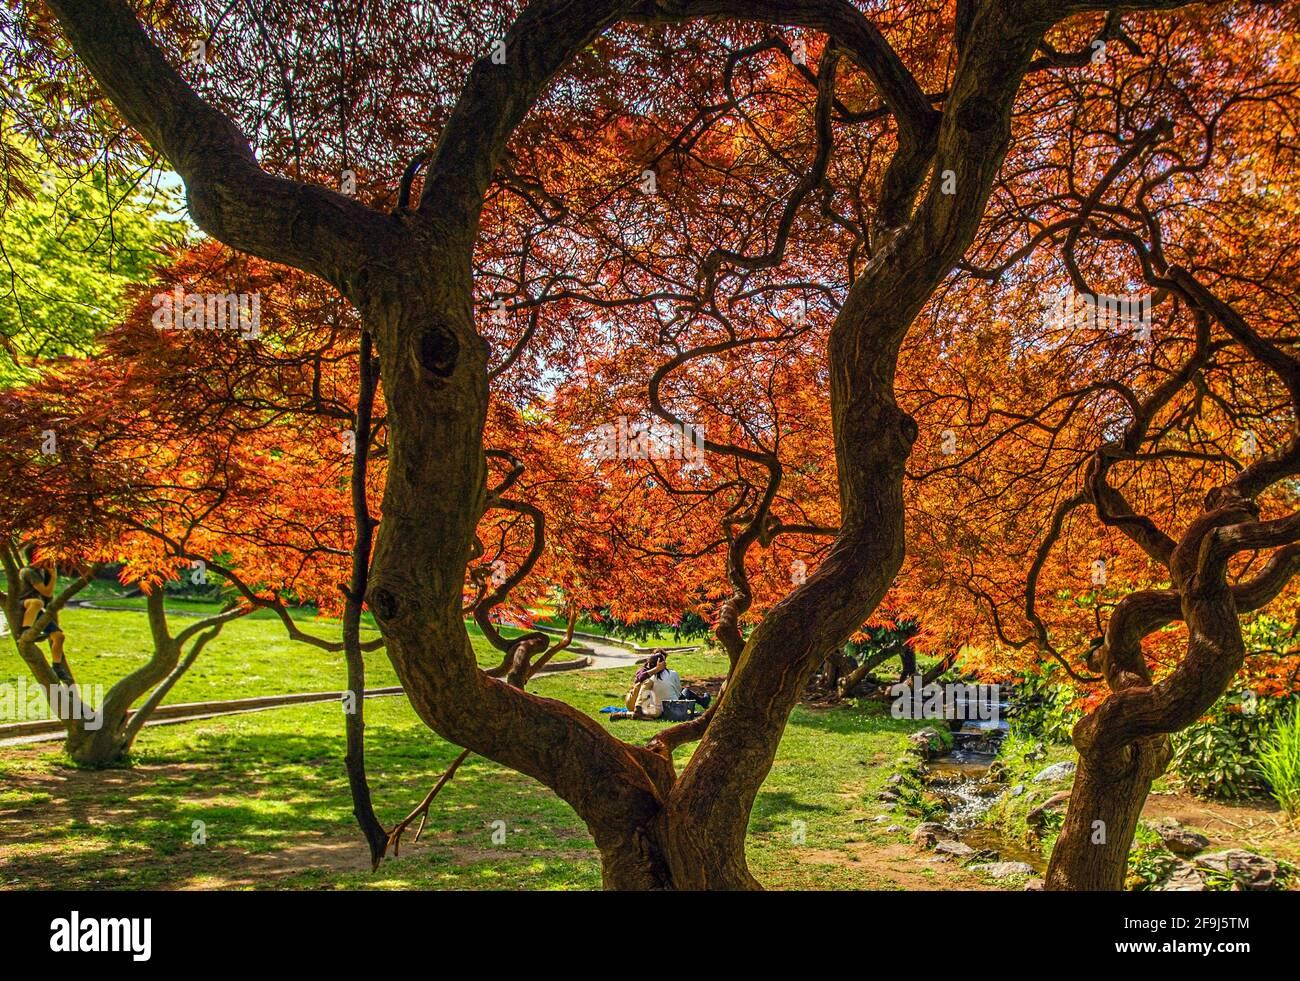 Italia Piemonte Torino Parco del Valentino - Giardino di roccia Foto Stock